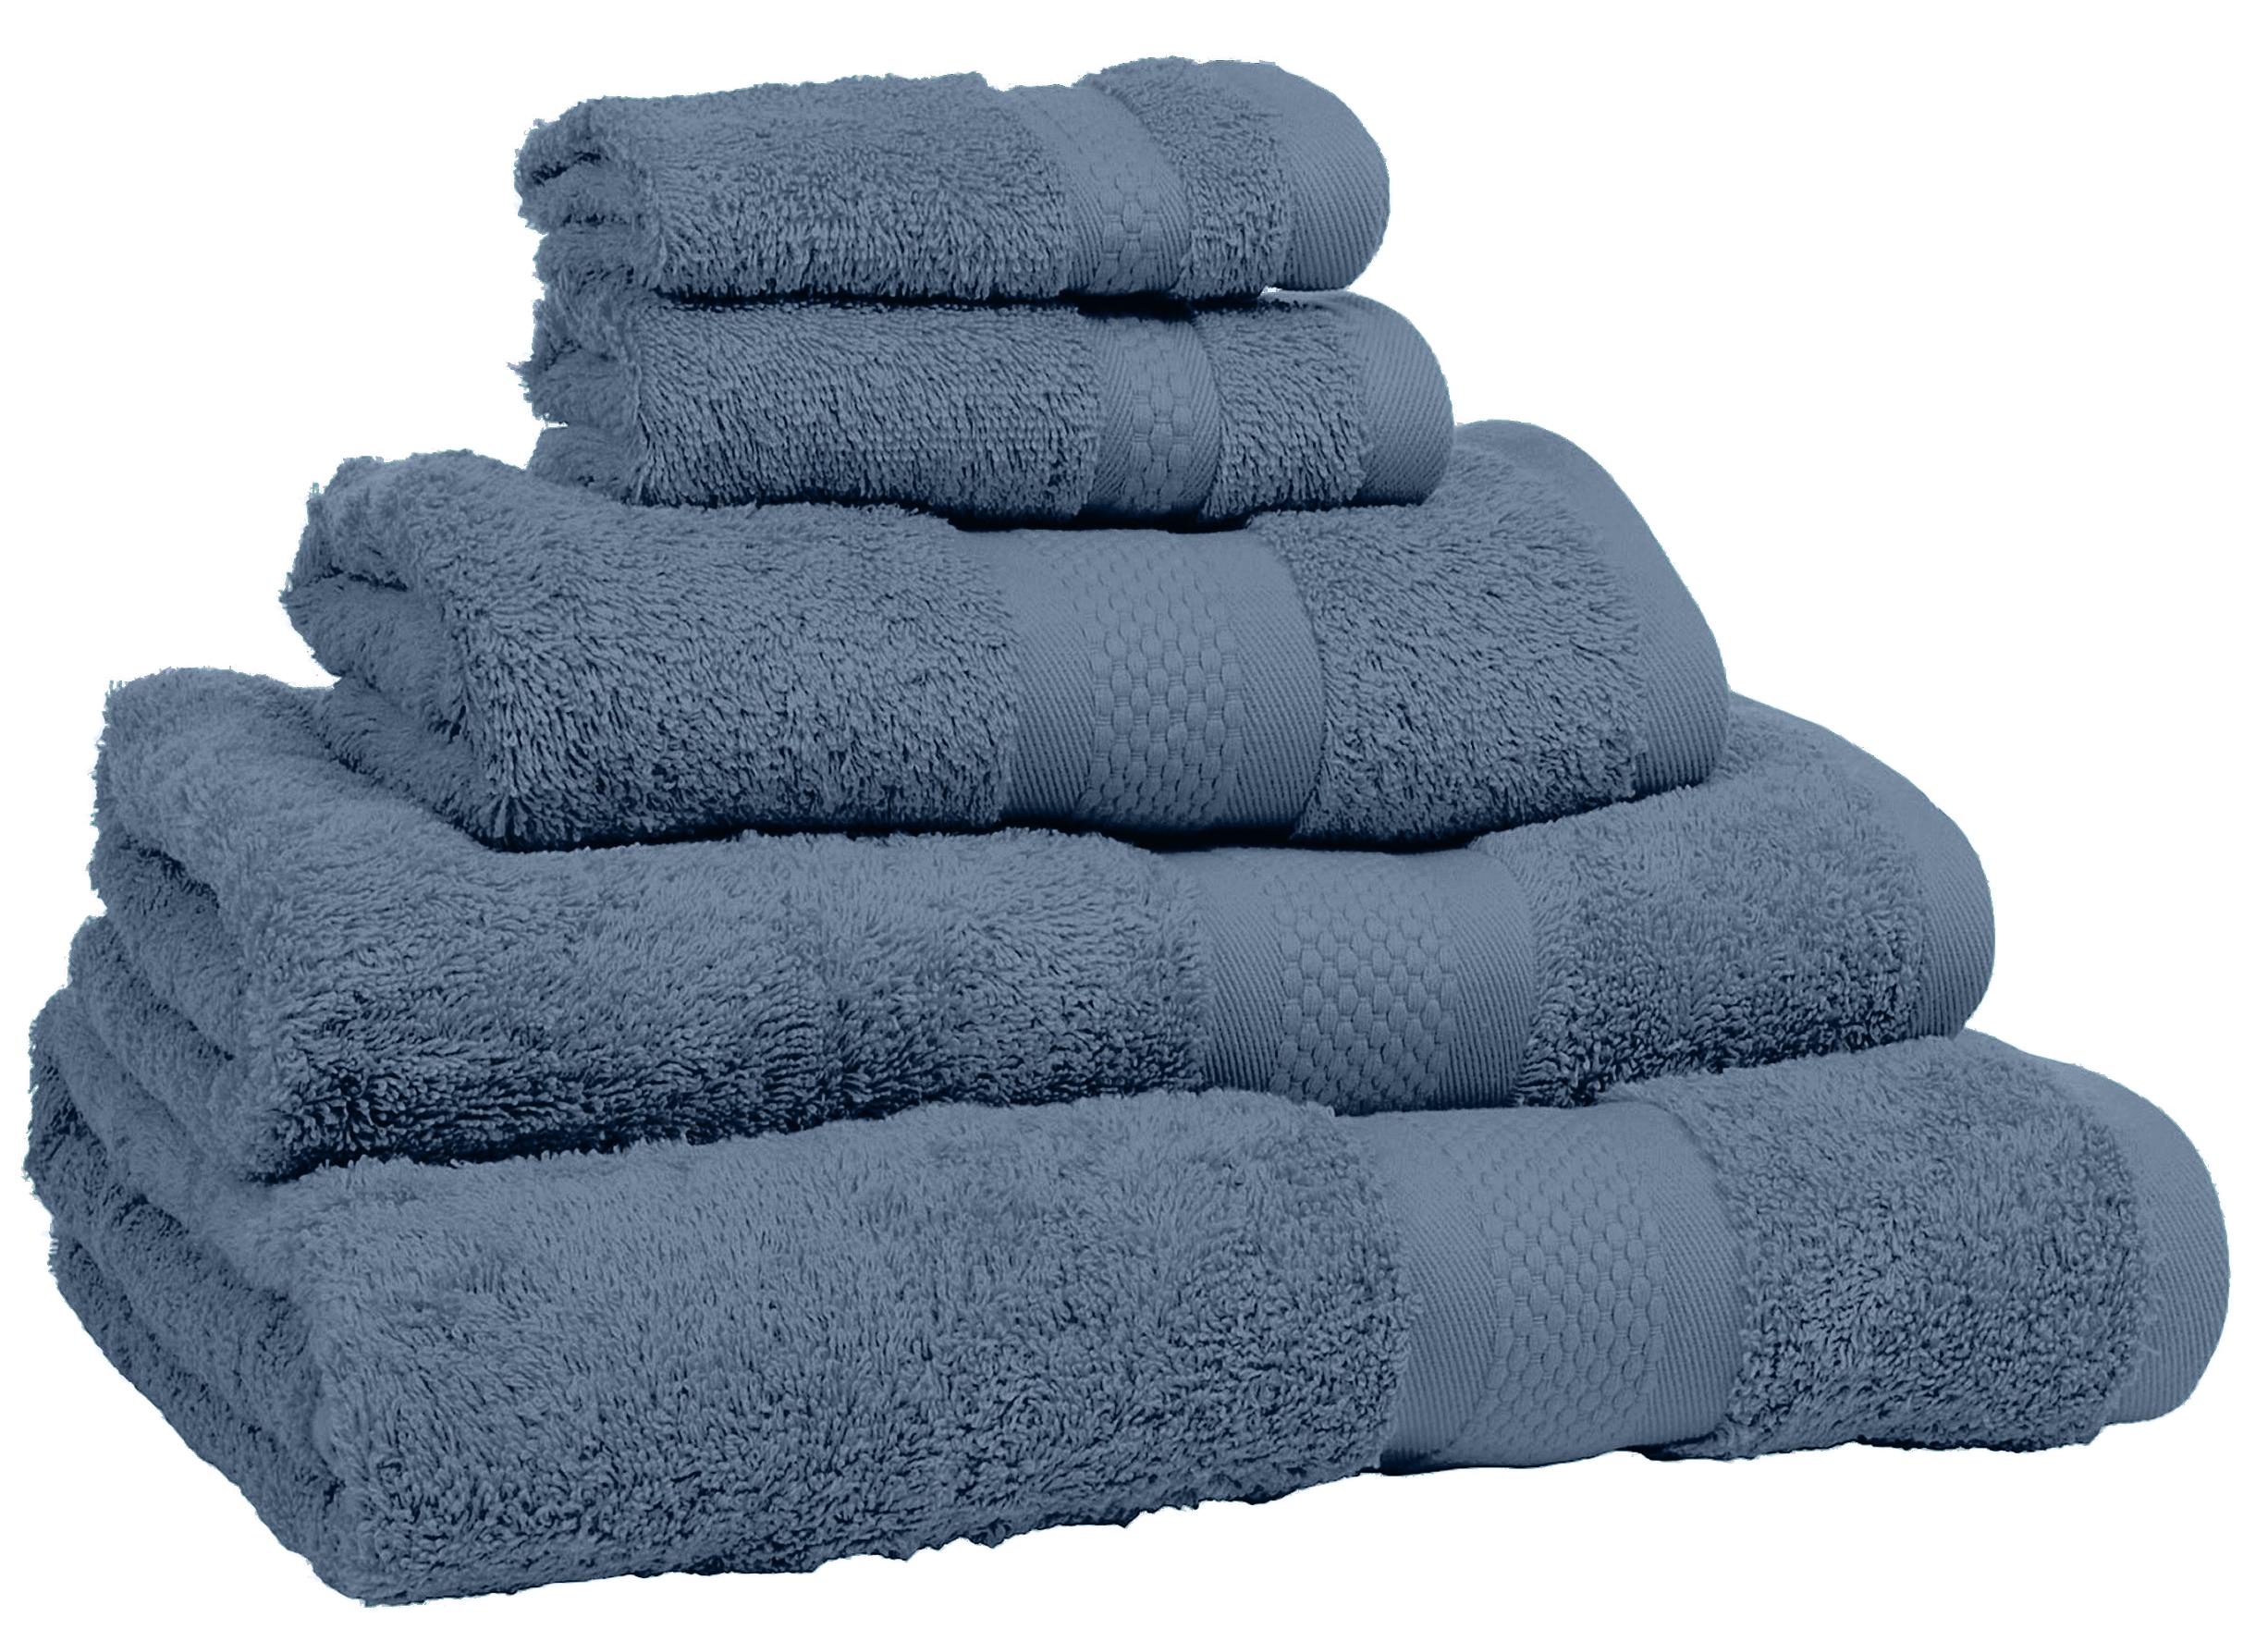 Magasin håndklæder